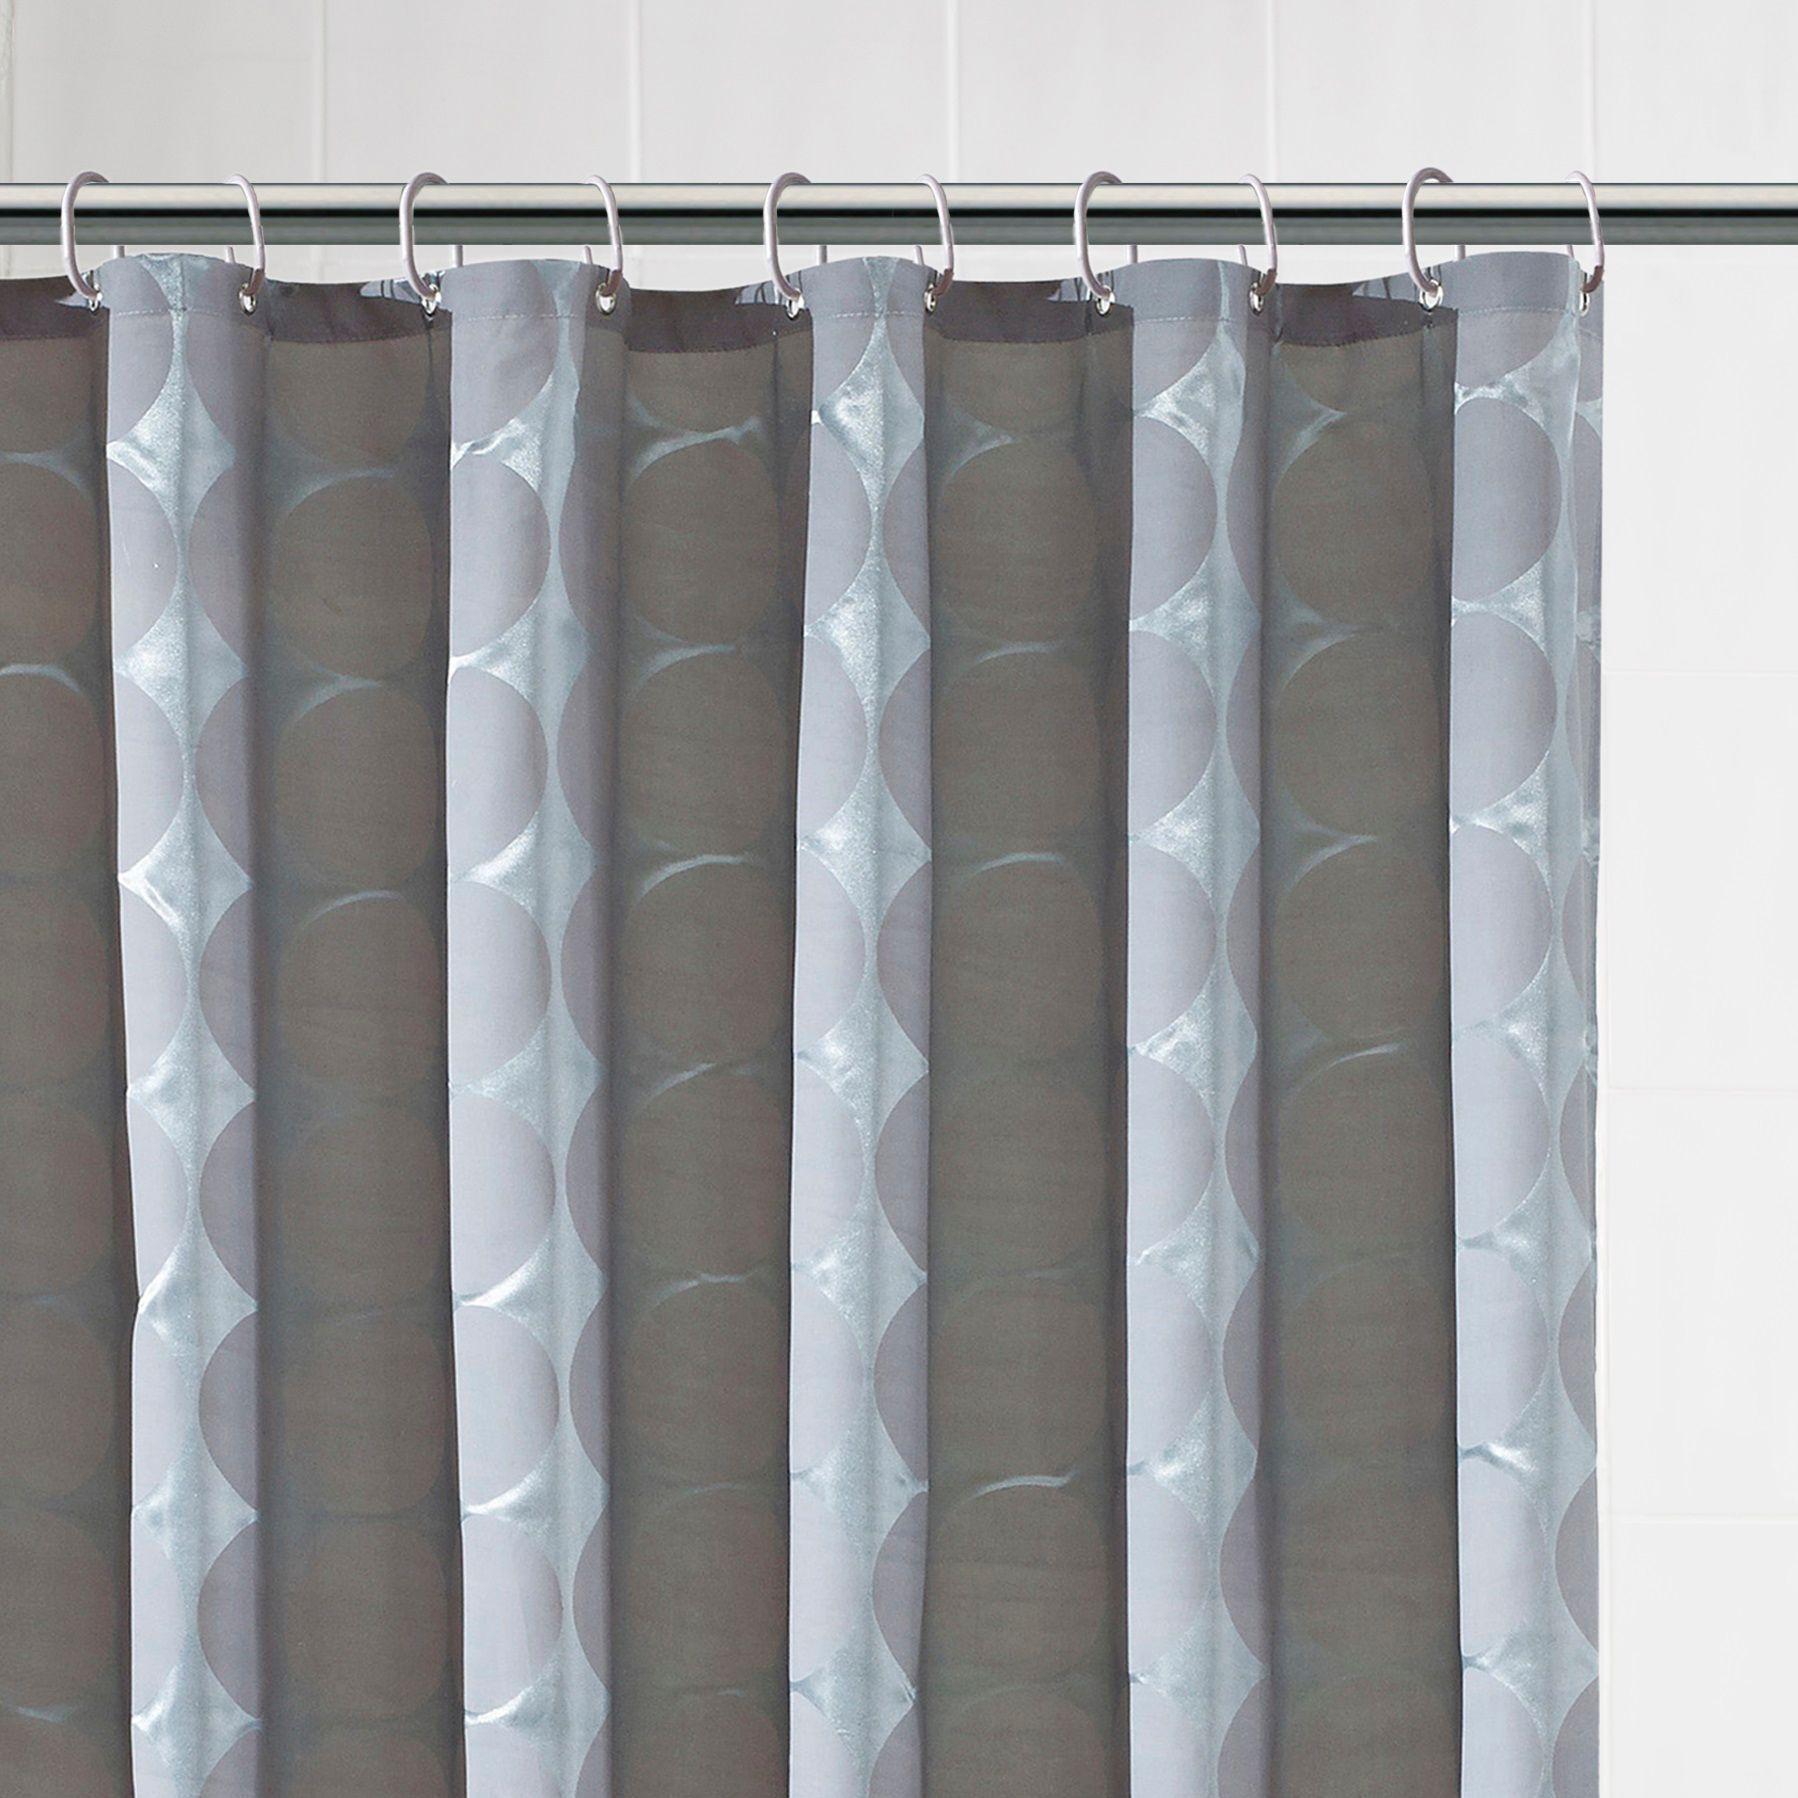 B And Q Long Shower Curtain Curtain Menzilperde Net